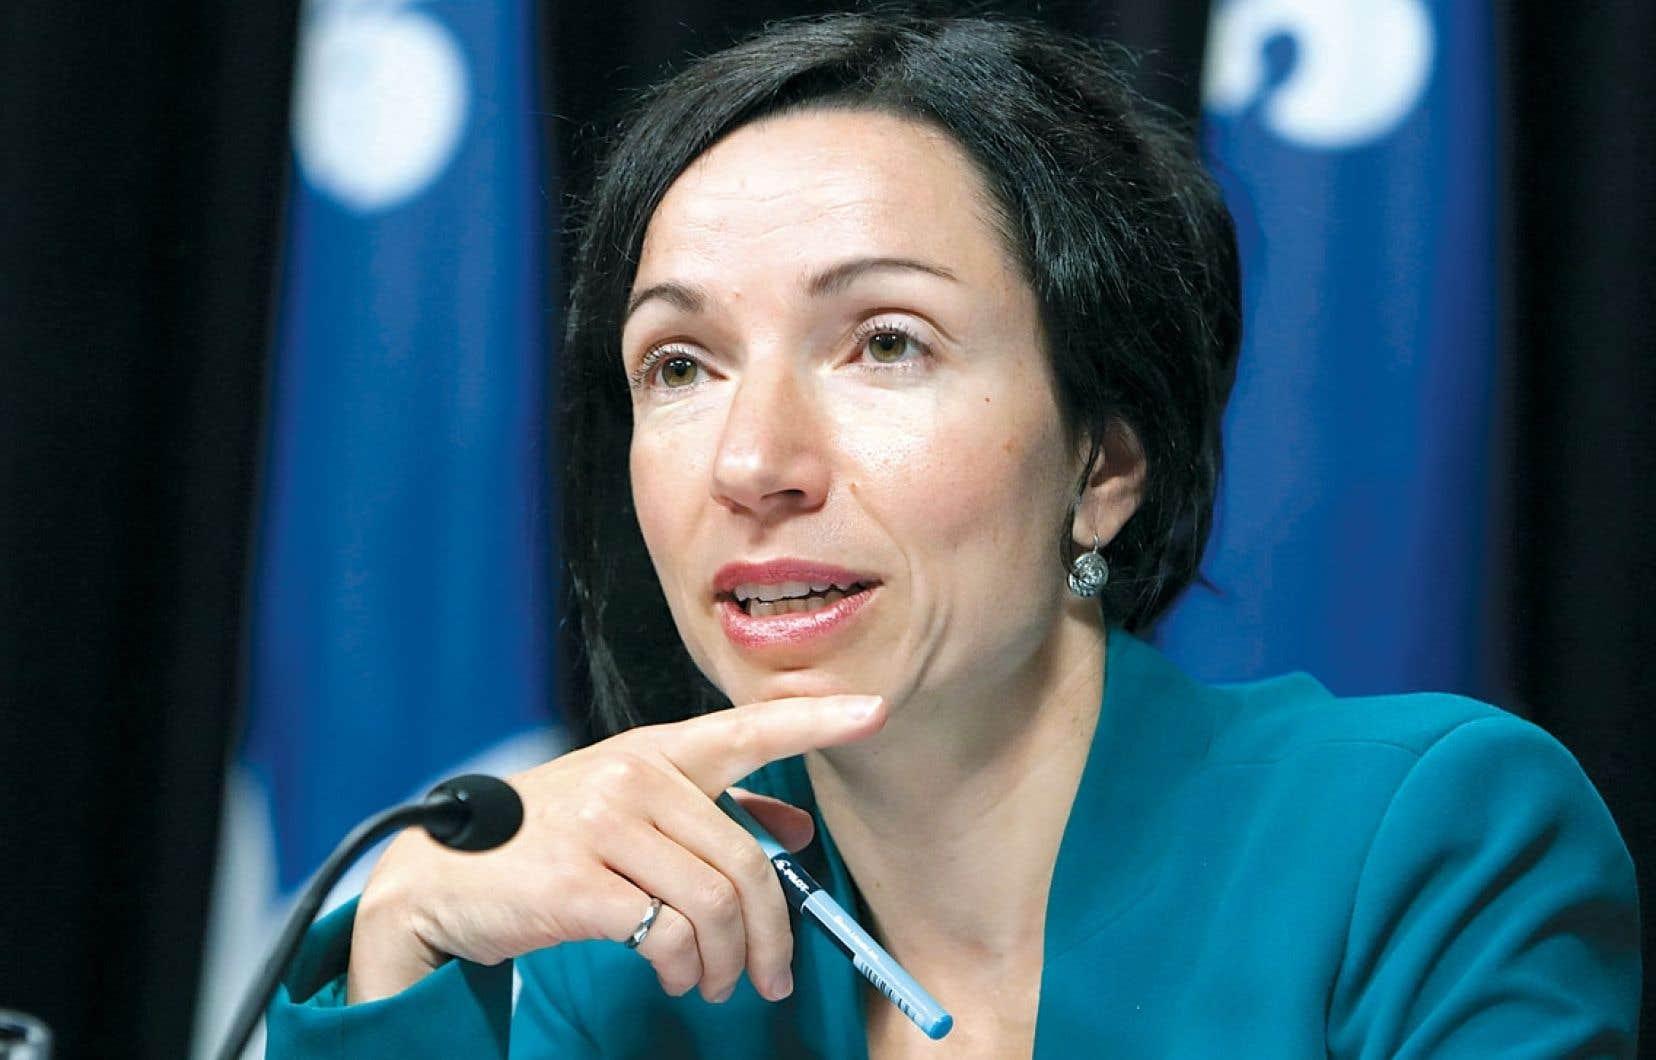 La ministre des Ressources naturelles, Martine Ouellet, veut prendre le temps de consulter tous les intervenants avant d'agir dans le dossier des redevances minières.